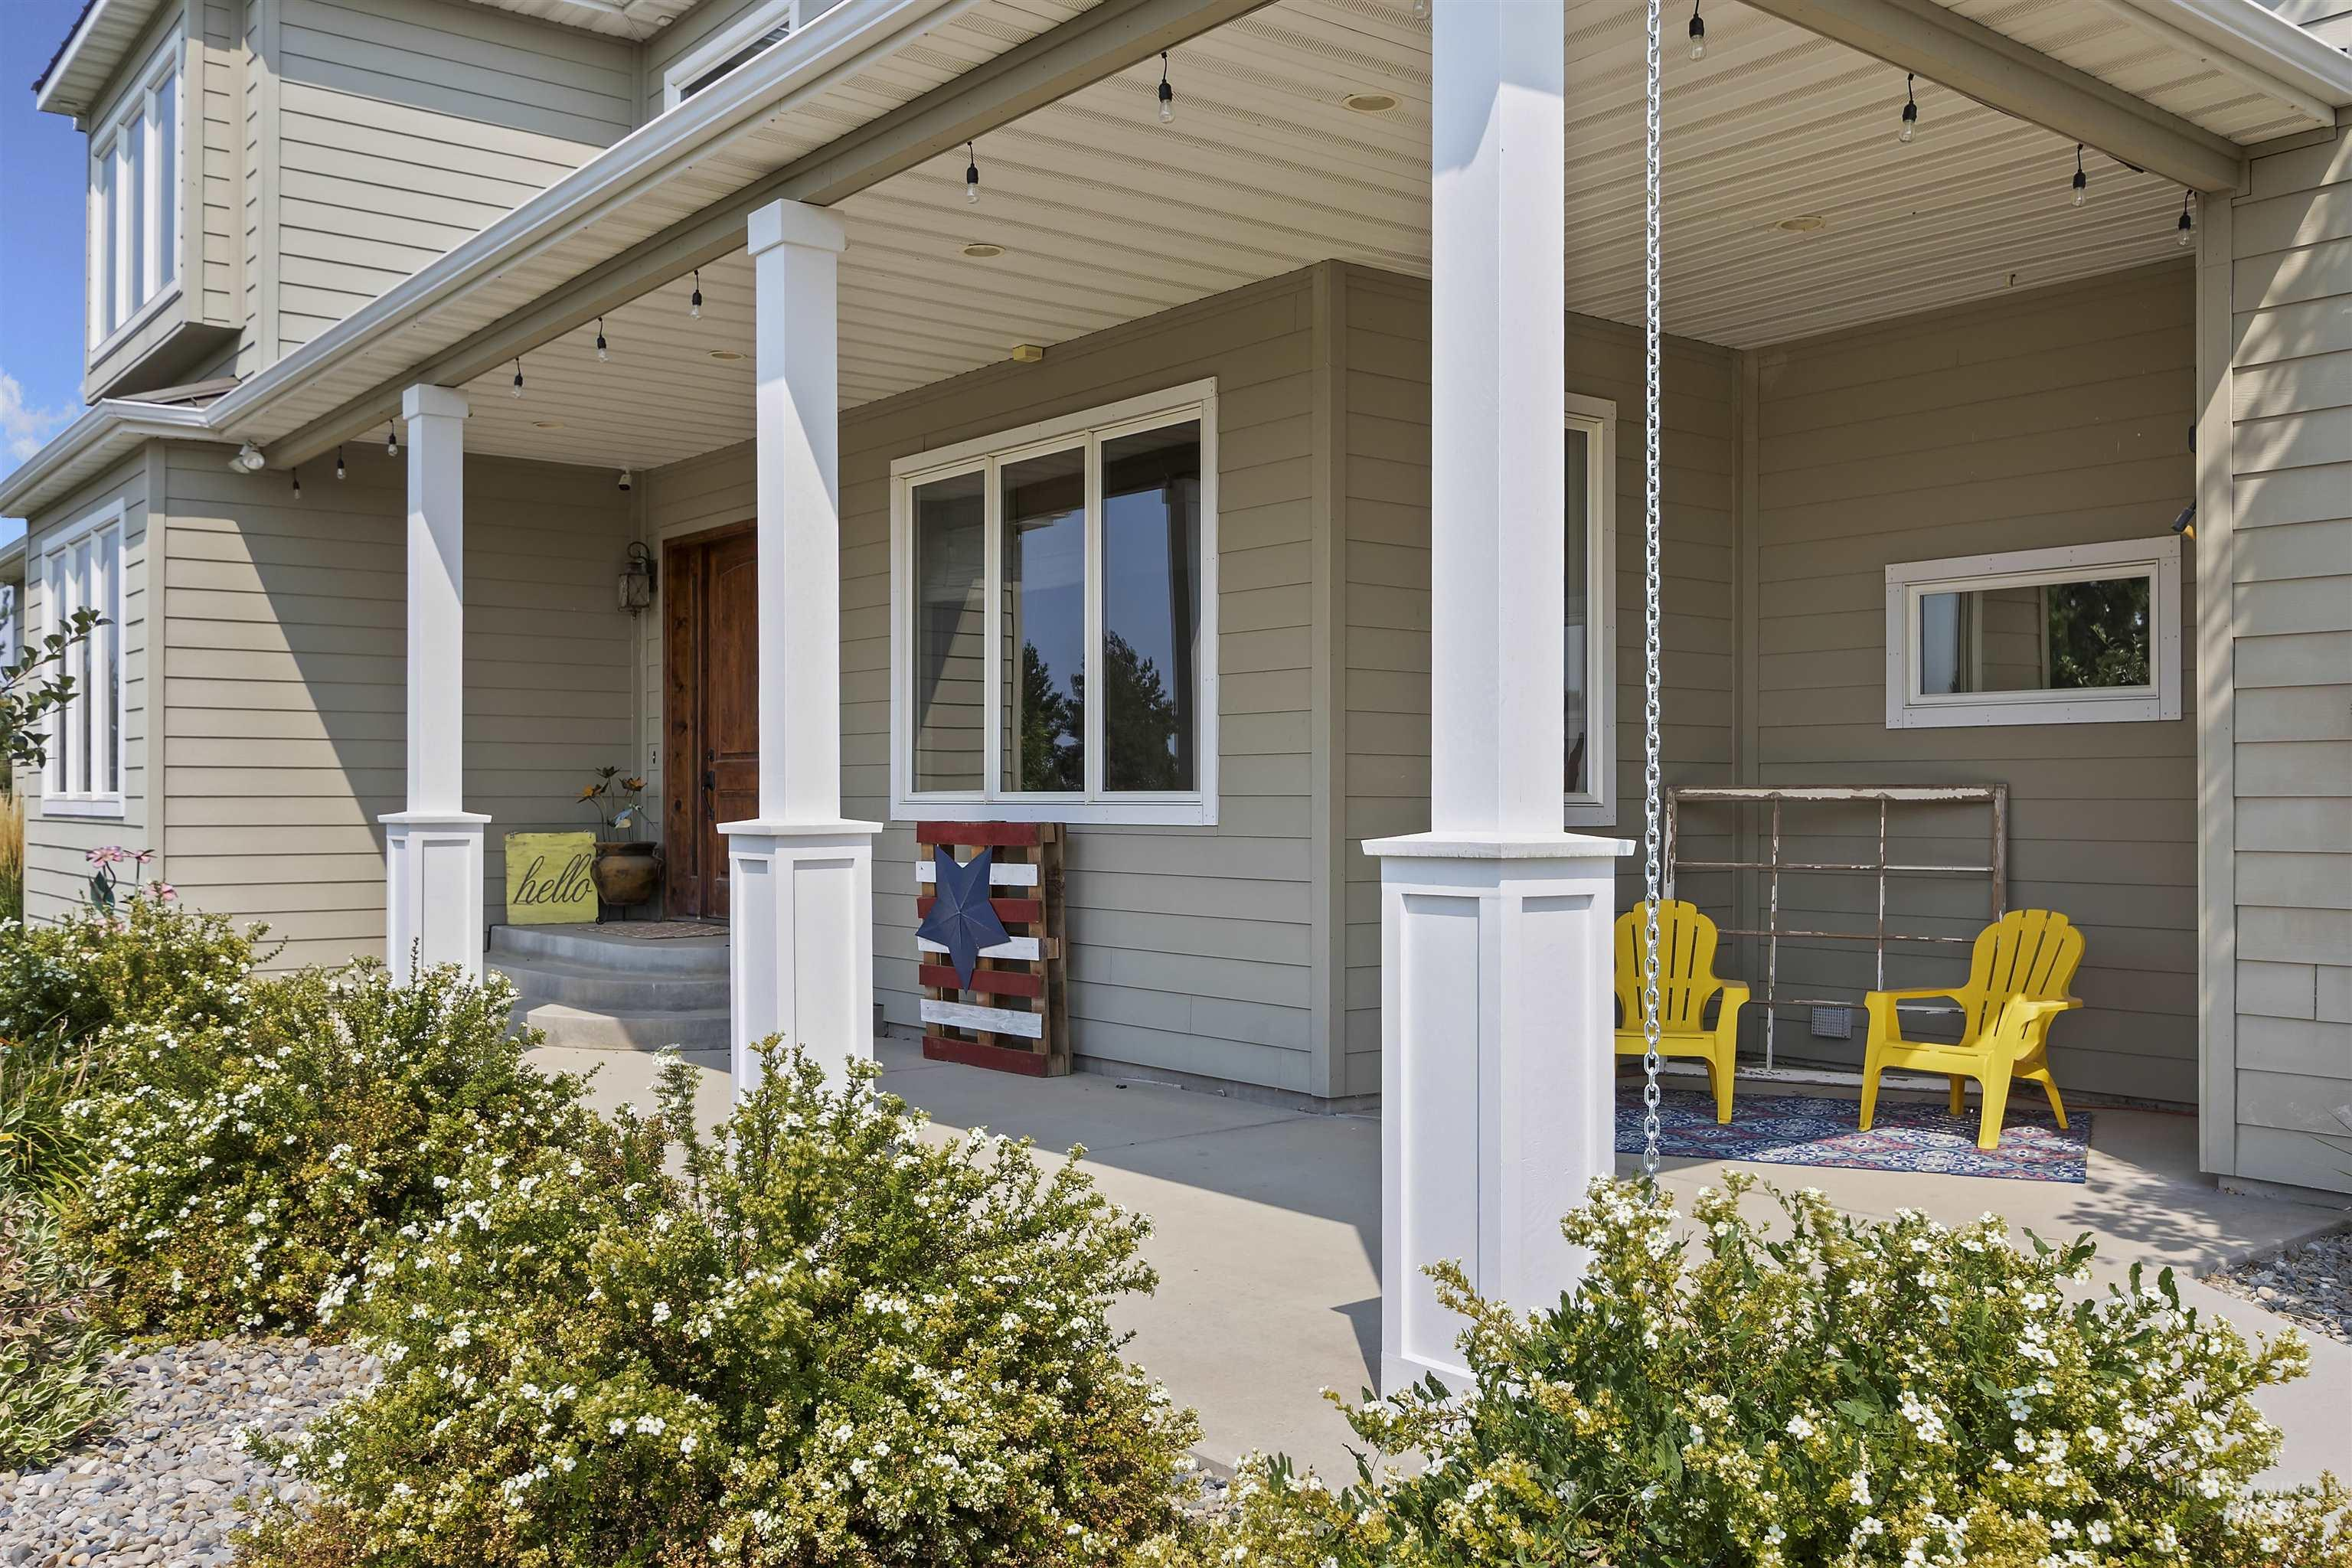 978 S 1200 E Property Photo 7